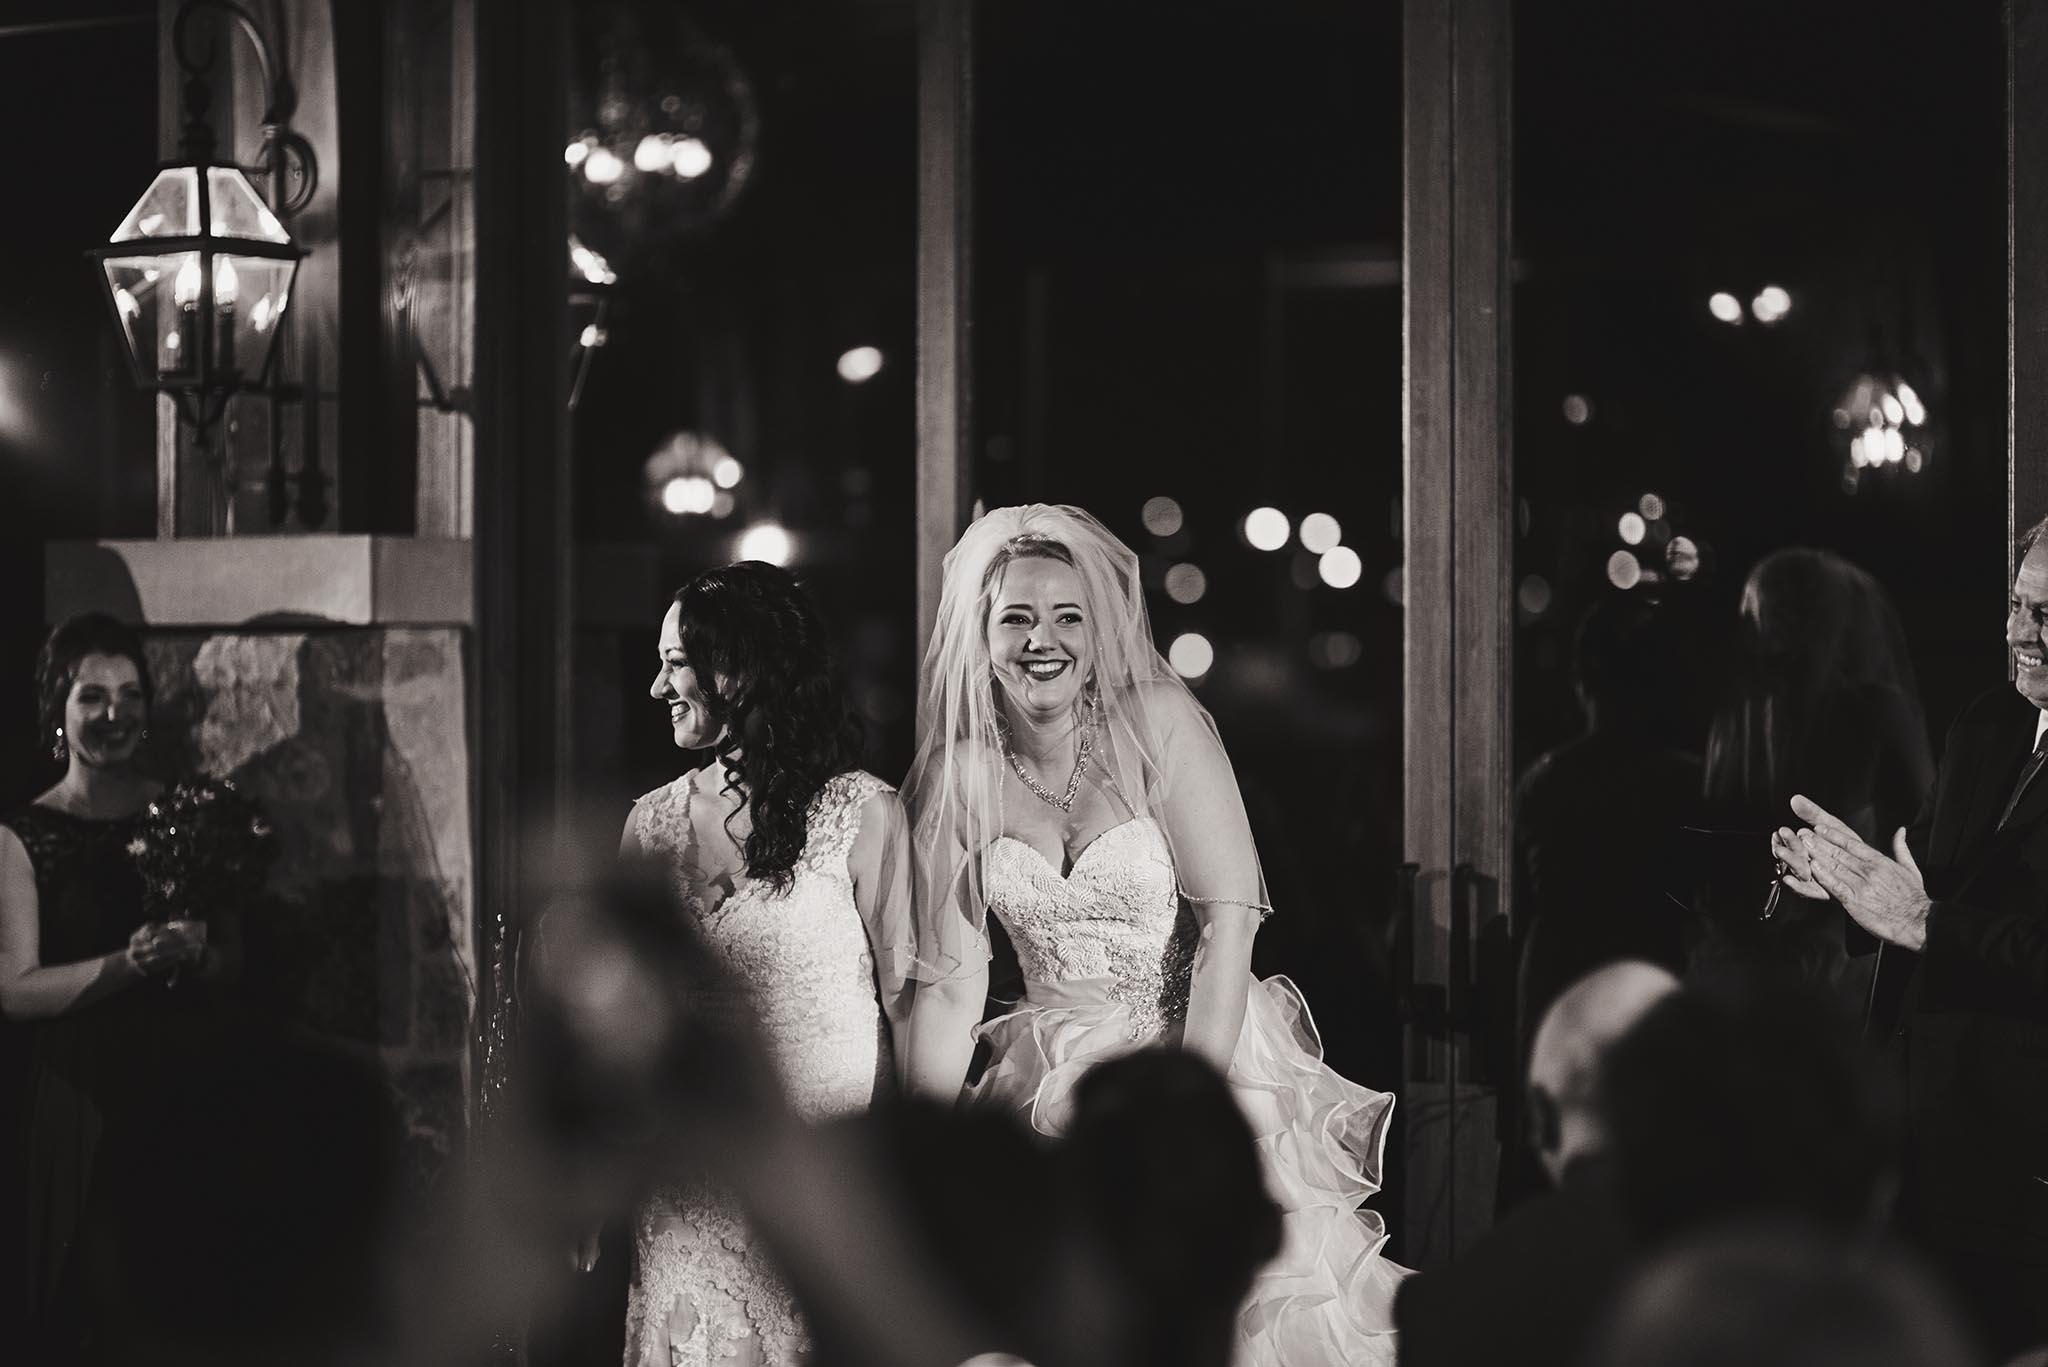 Peter-Bendevis-Photography-Kris-Laura-Cambridge-Mill-Winter-Wedding27